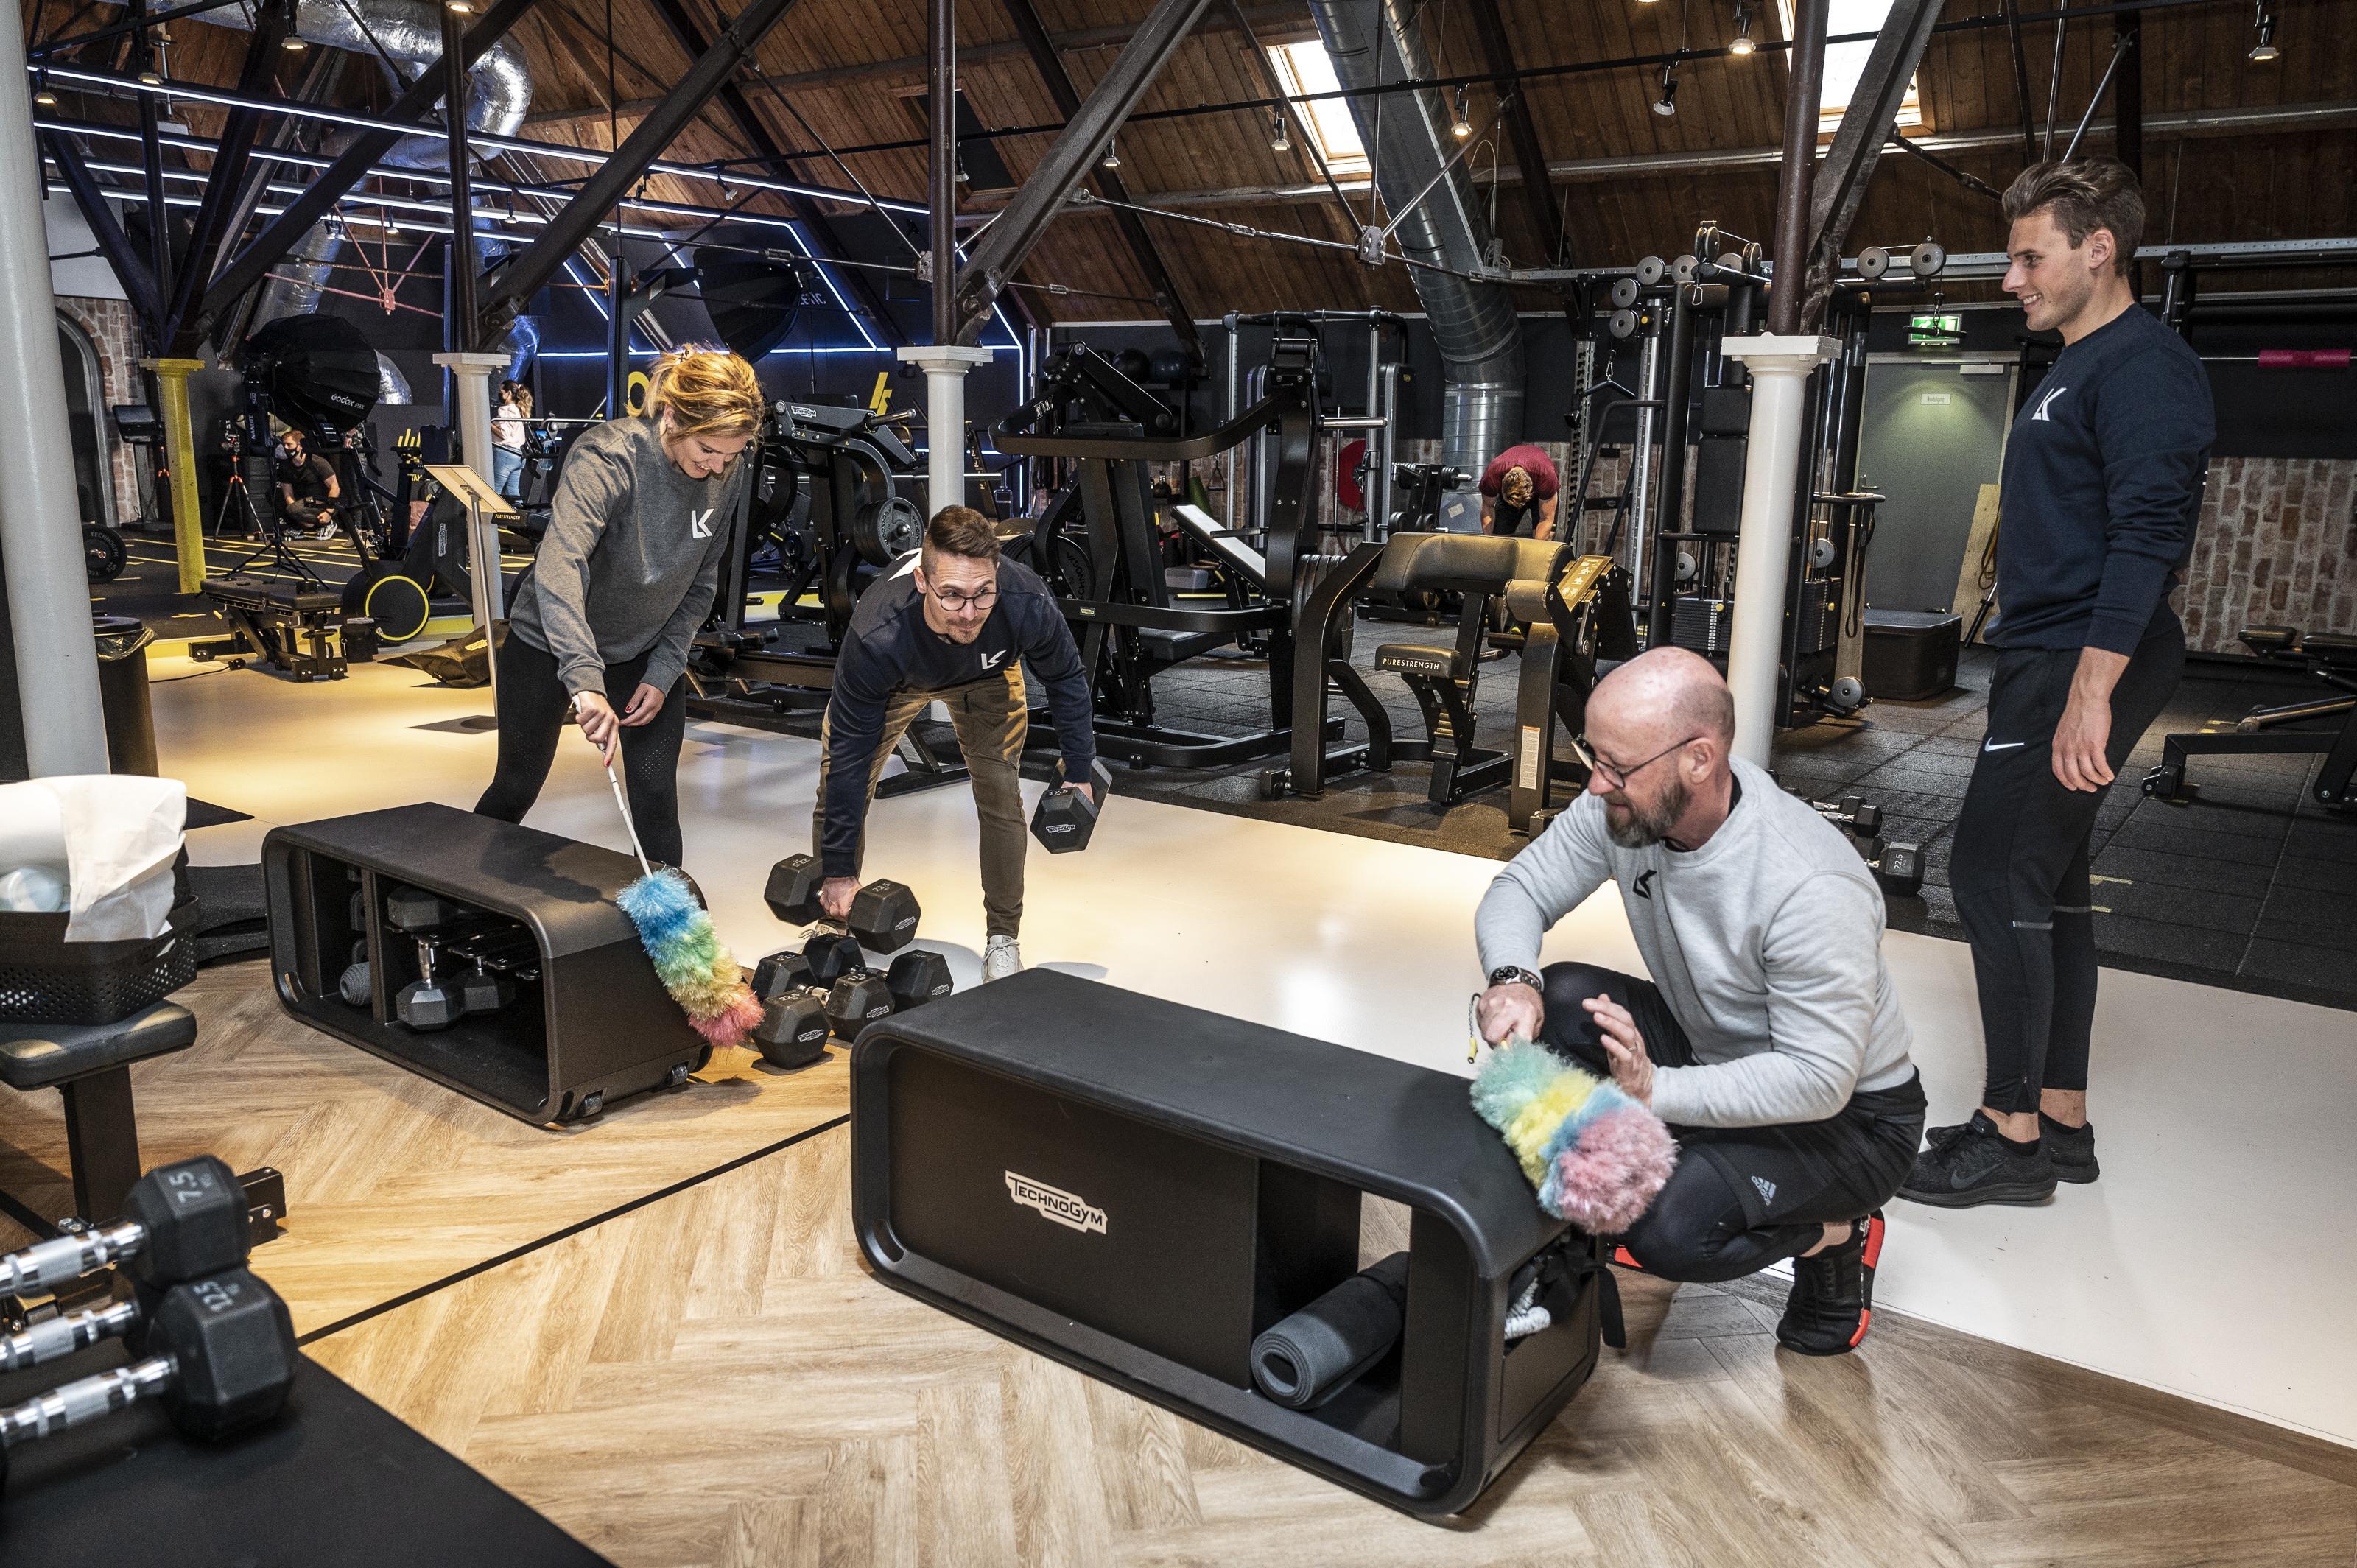 Sportscholen Mike's Gym en Lijfkracht in de startblokken: 'Tachtig procent van de tijdslots is woensdag al geboekt'